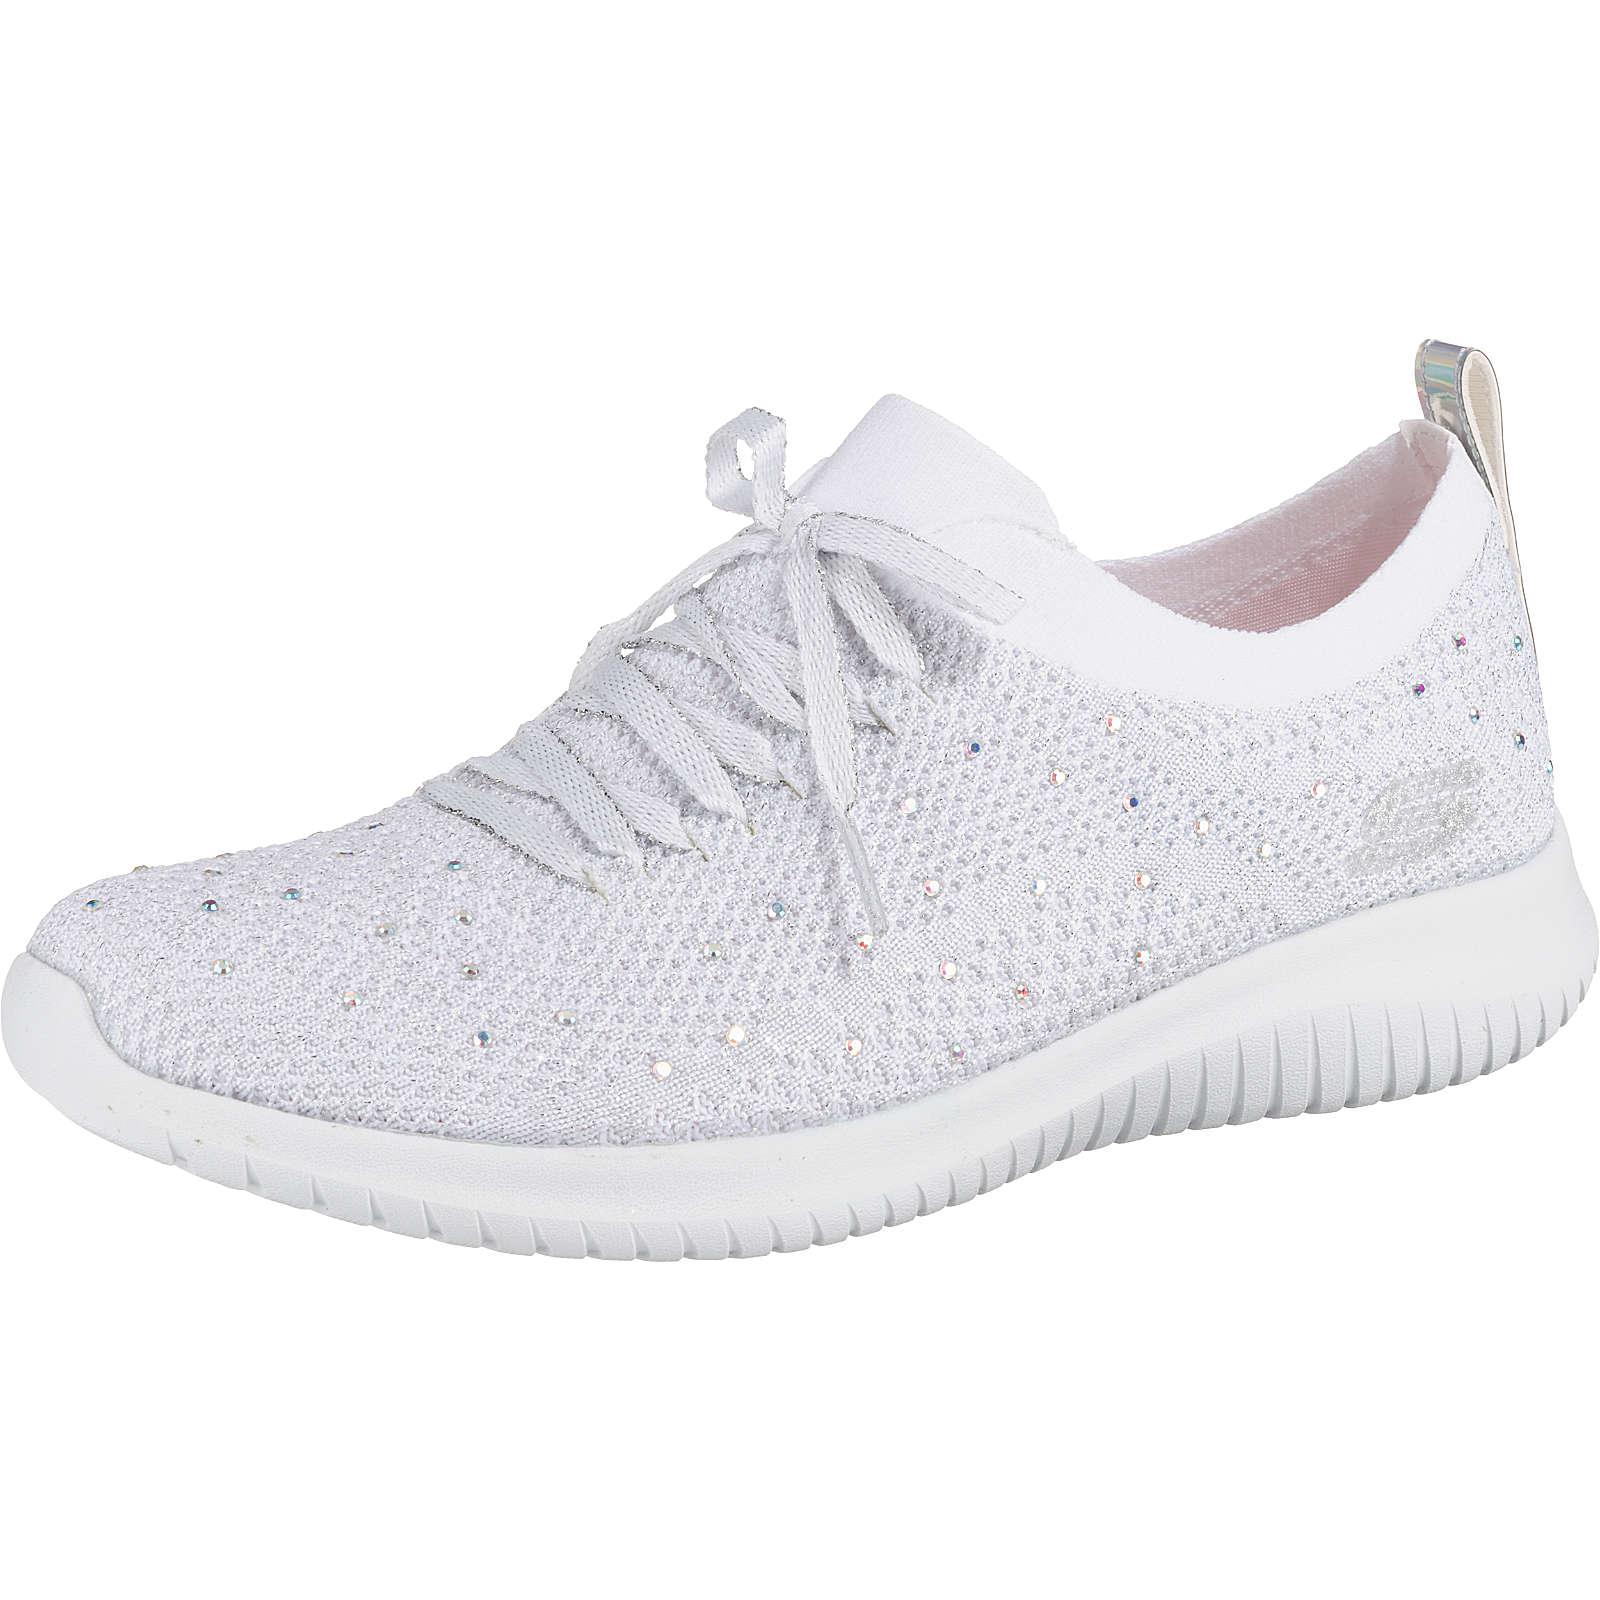 SKECHERS ULTRA FLEX STROLLING OUT Sneakers Low weiß Damen Gr. 41